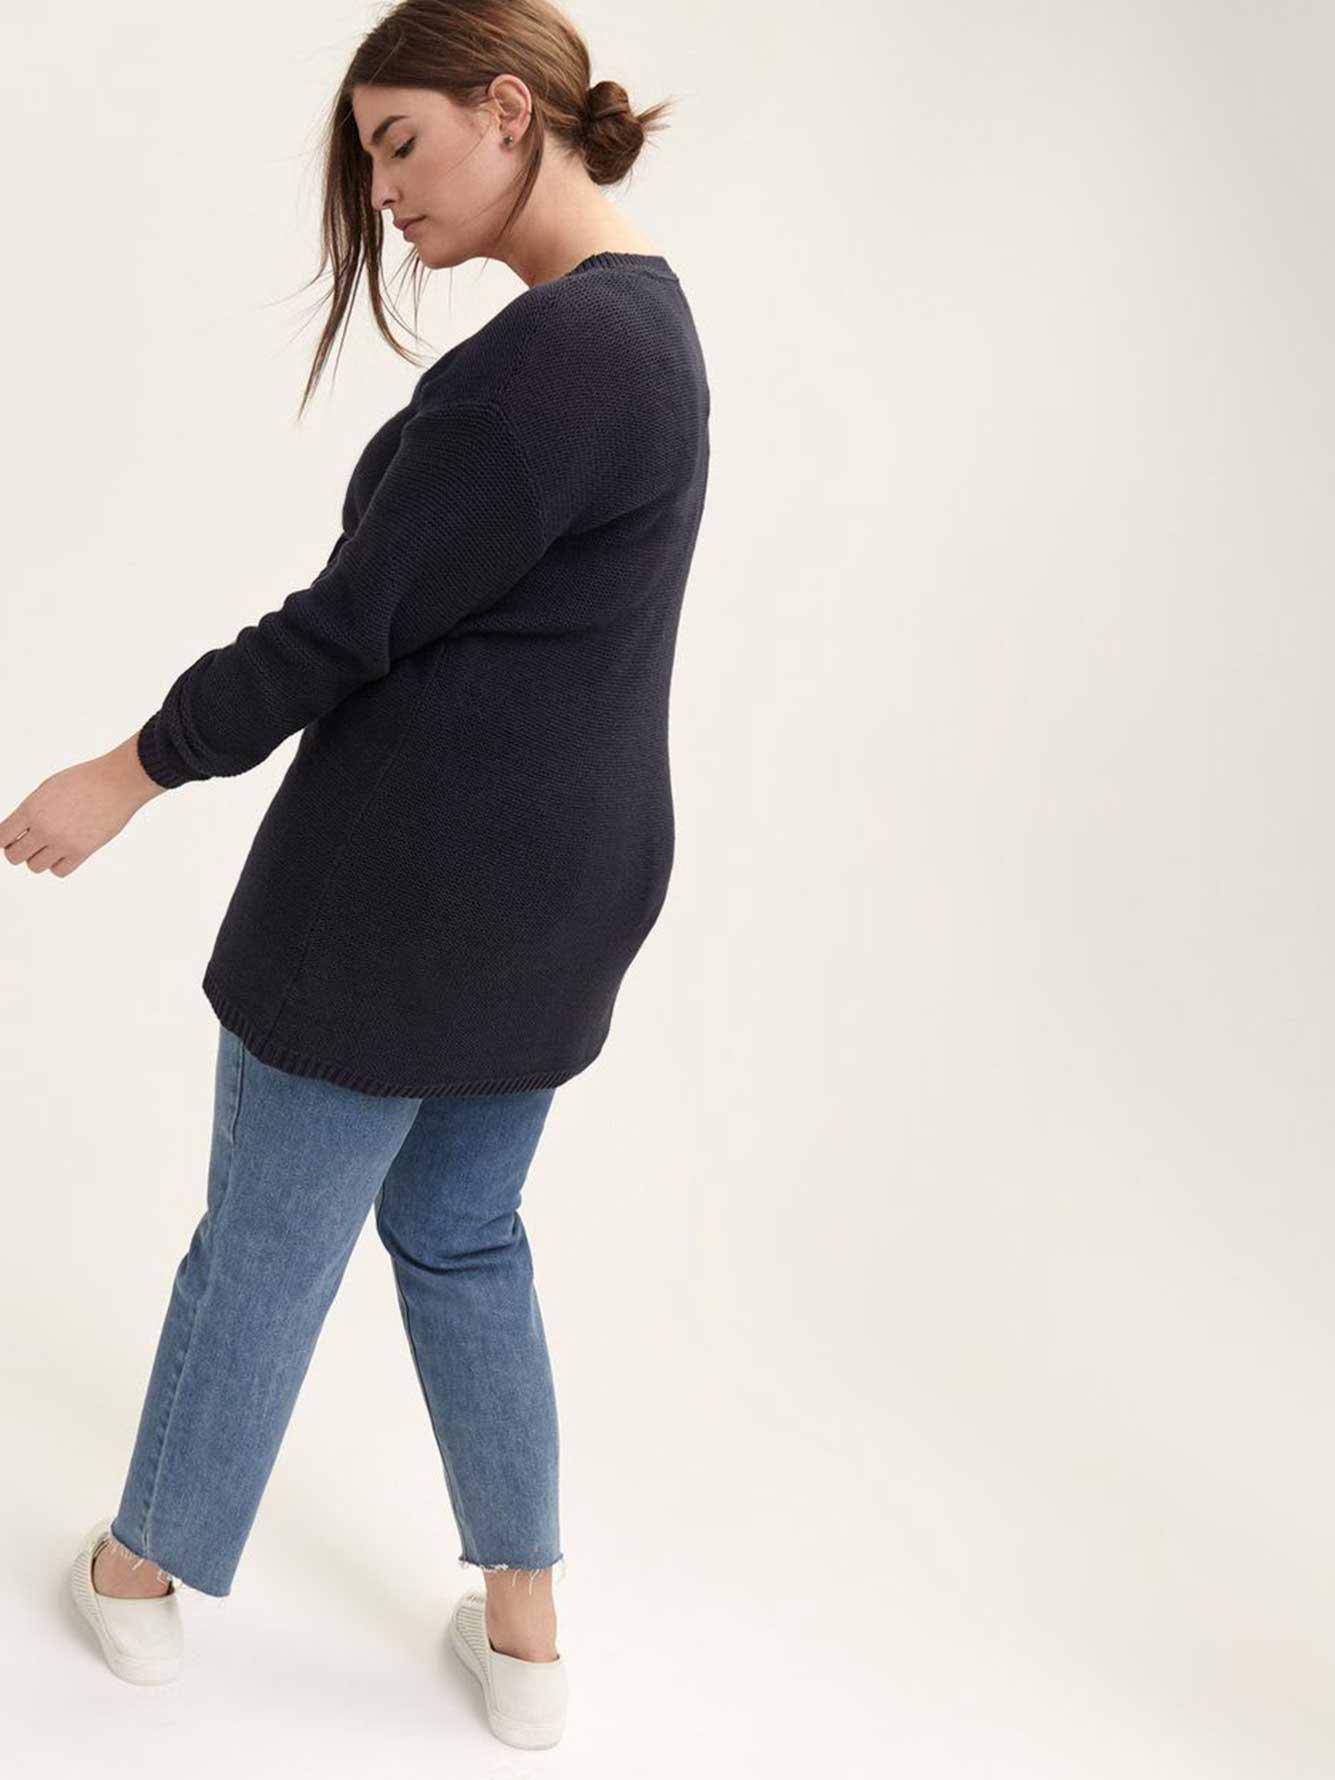 Wide V-Neck Tunic Sweater - L&L